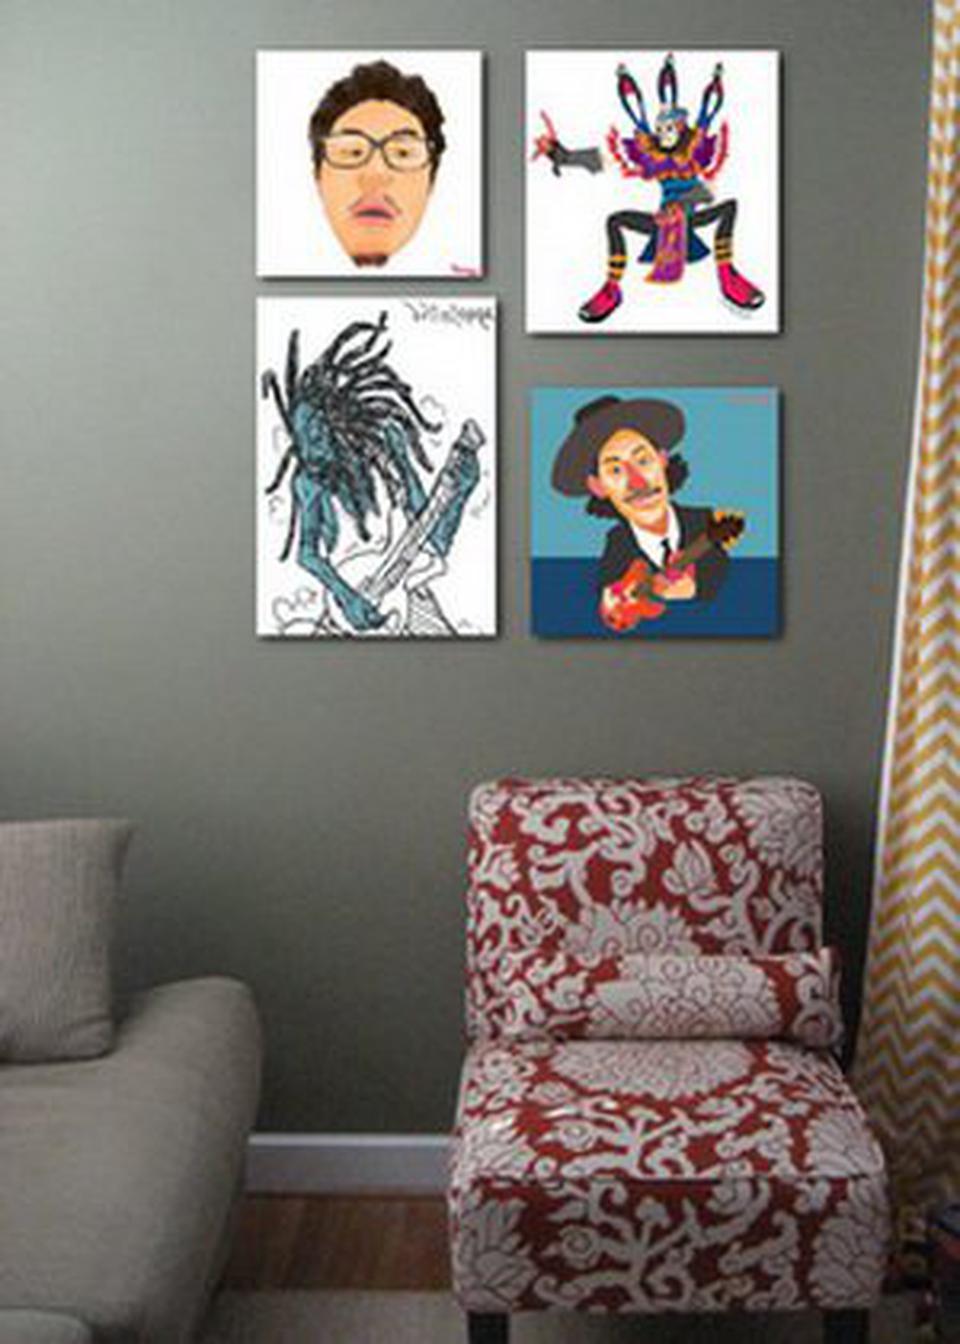 แต่งห้องแนวๆด้วยรูปติดผนังห้องแบบการ์ตูนครับ รูปที่ 2